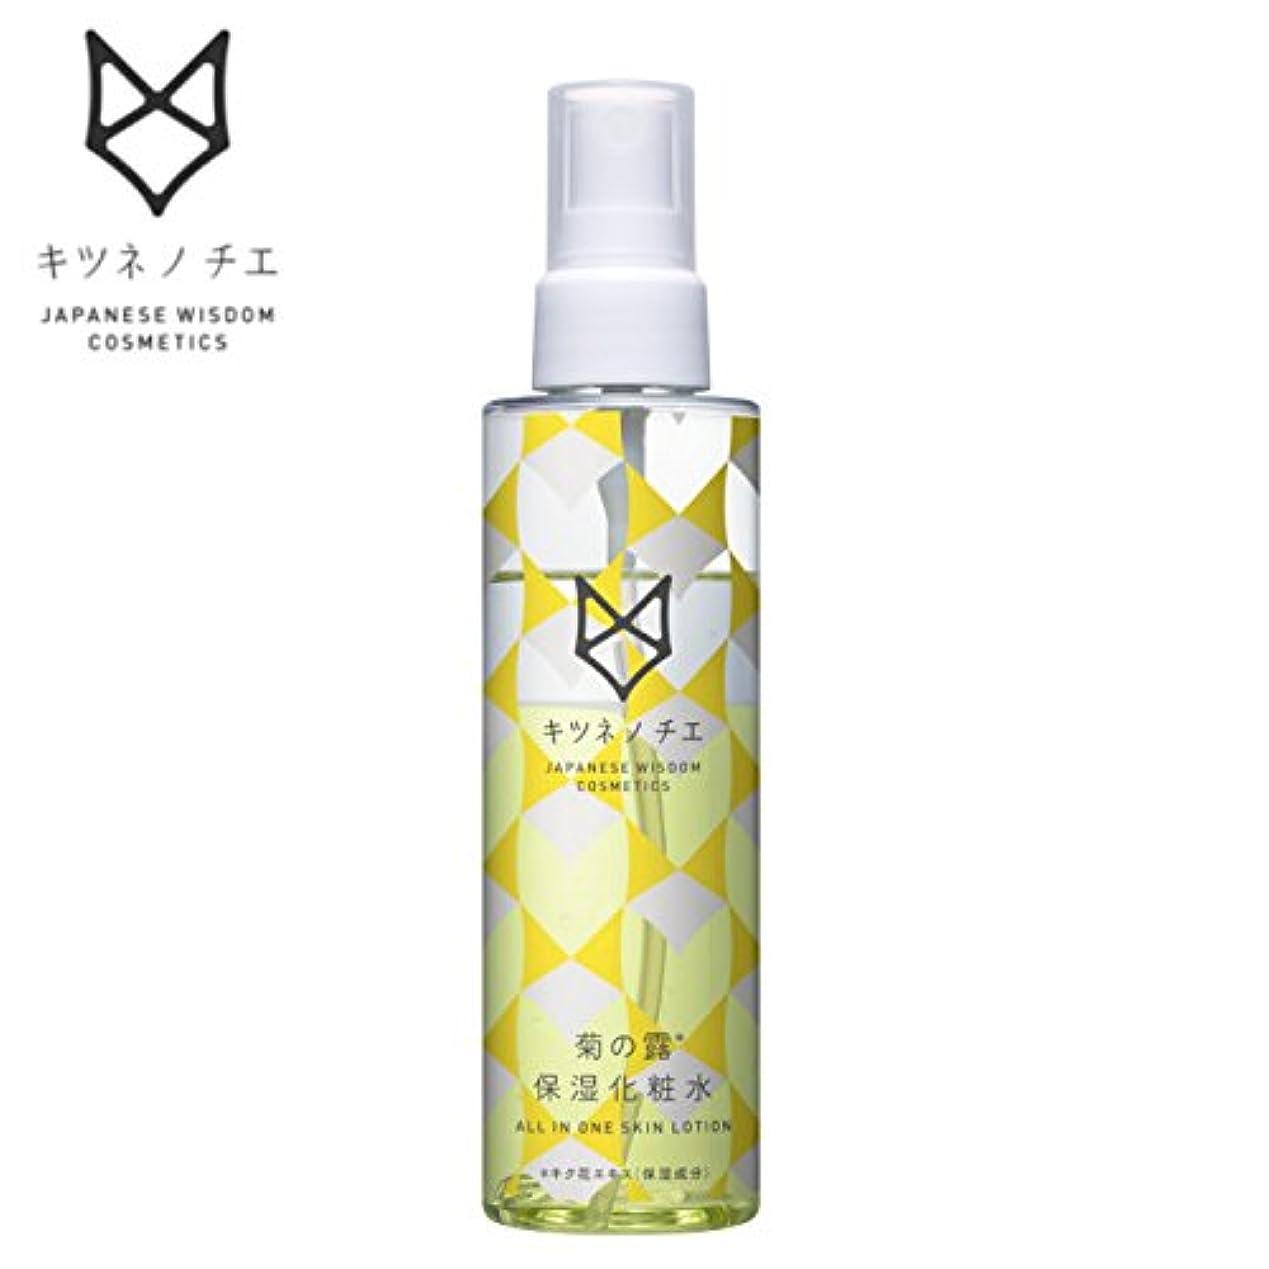 本当のことを言うと好み粒キツネノチエ 菊の露 保湿化粧水 W44xD44xH172mm